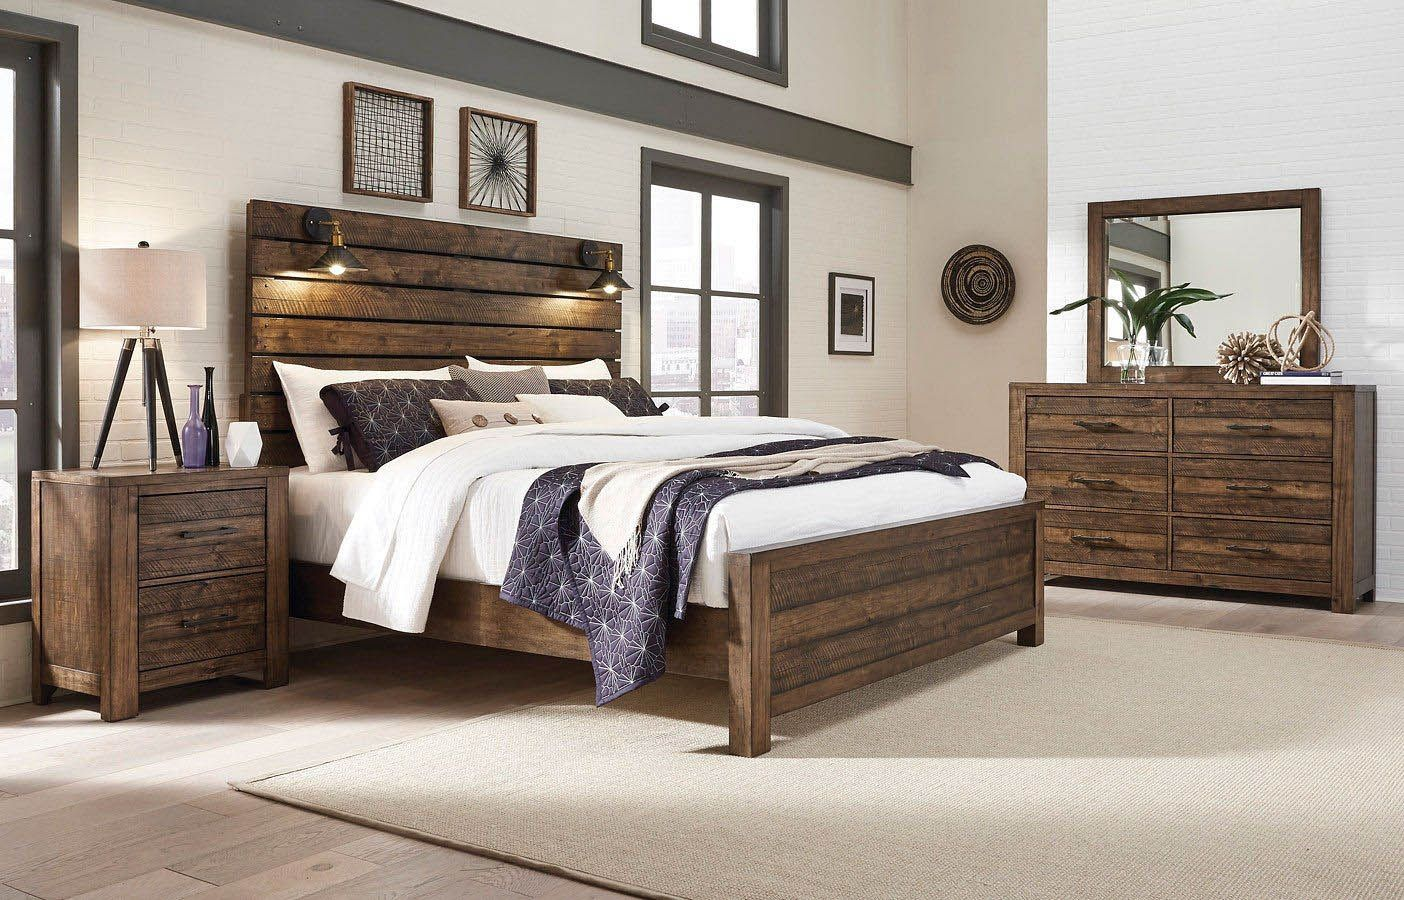 Master Bedroom Decorating Ideas Bedroom Sets Queen Bedroom Set